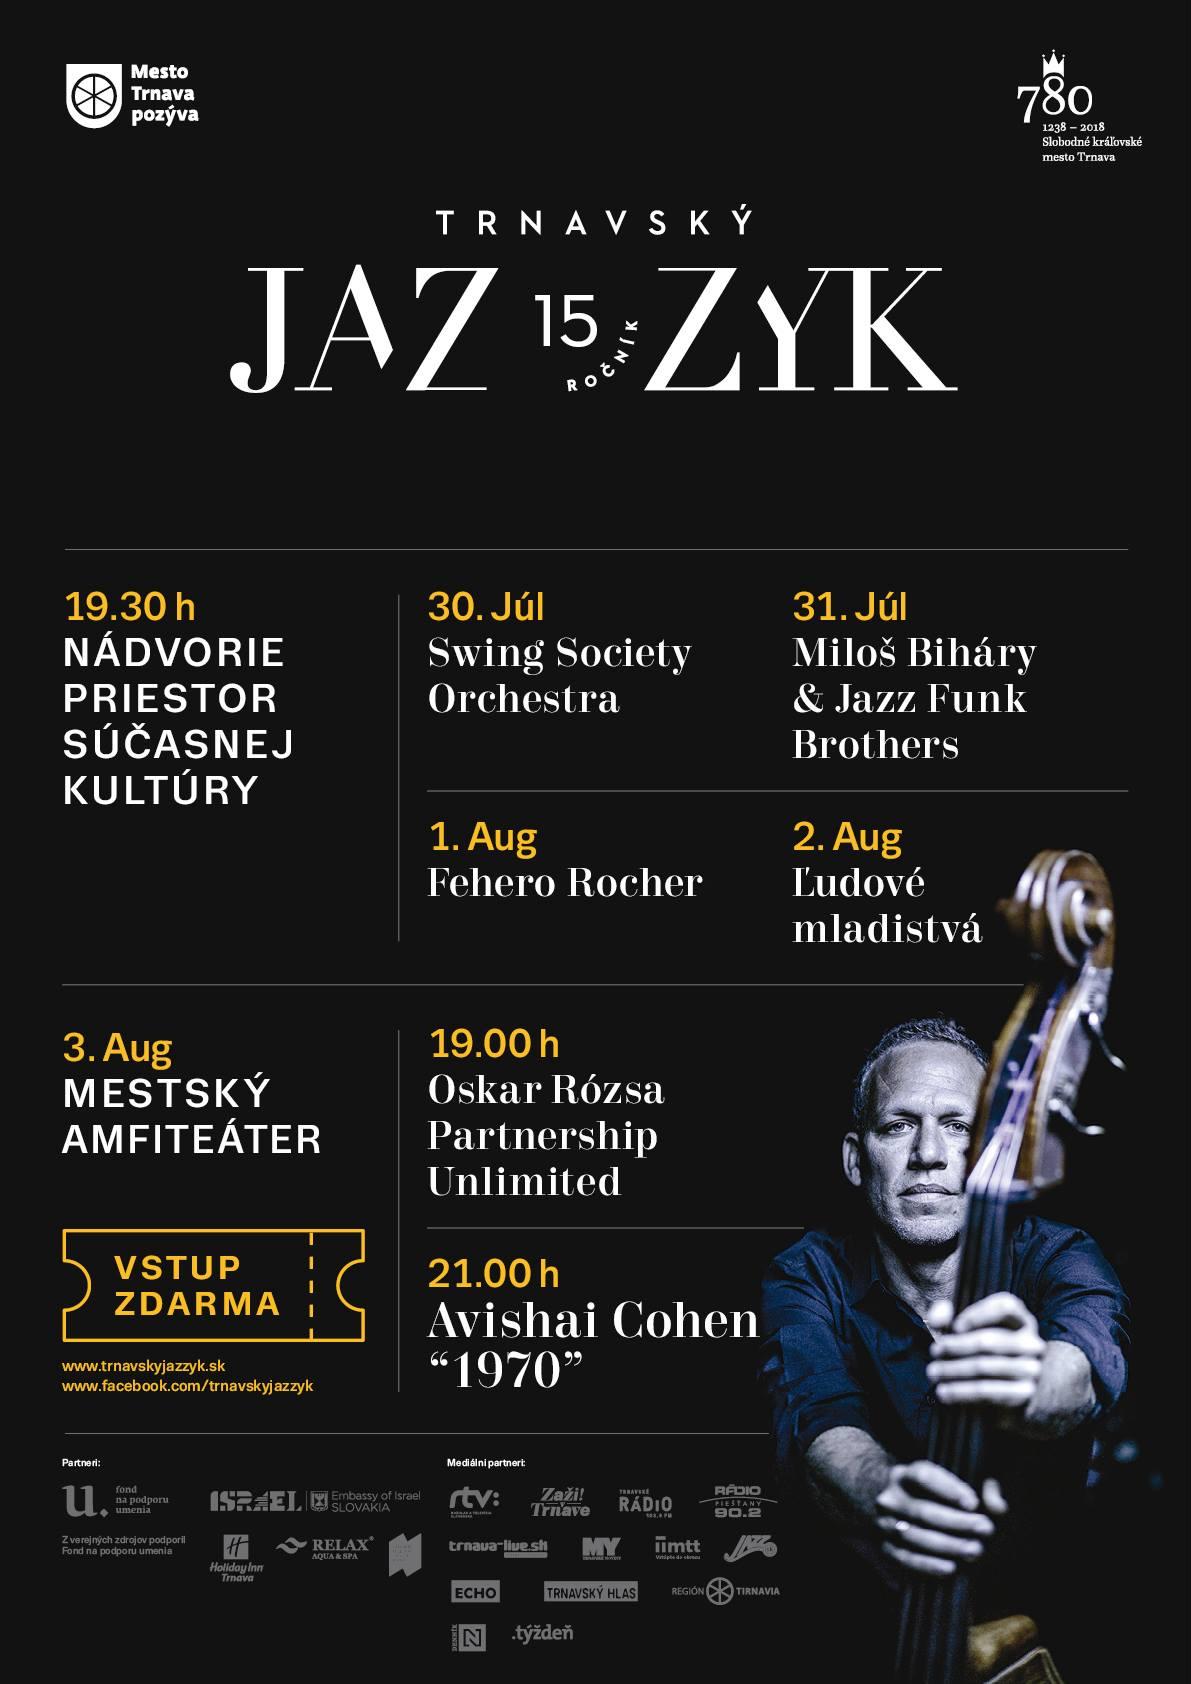 Plagát podujatia Trnavský Jazzyk 2018 v Trnave, na ktorom vystúpili Miloš Biháry & Jazz Funk Brothers Orchestra.